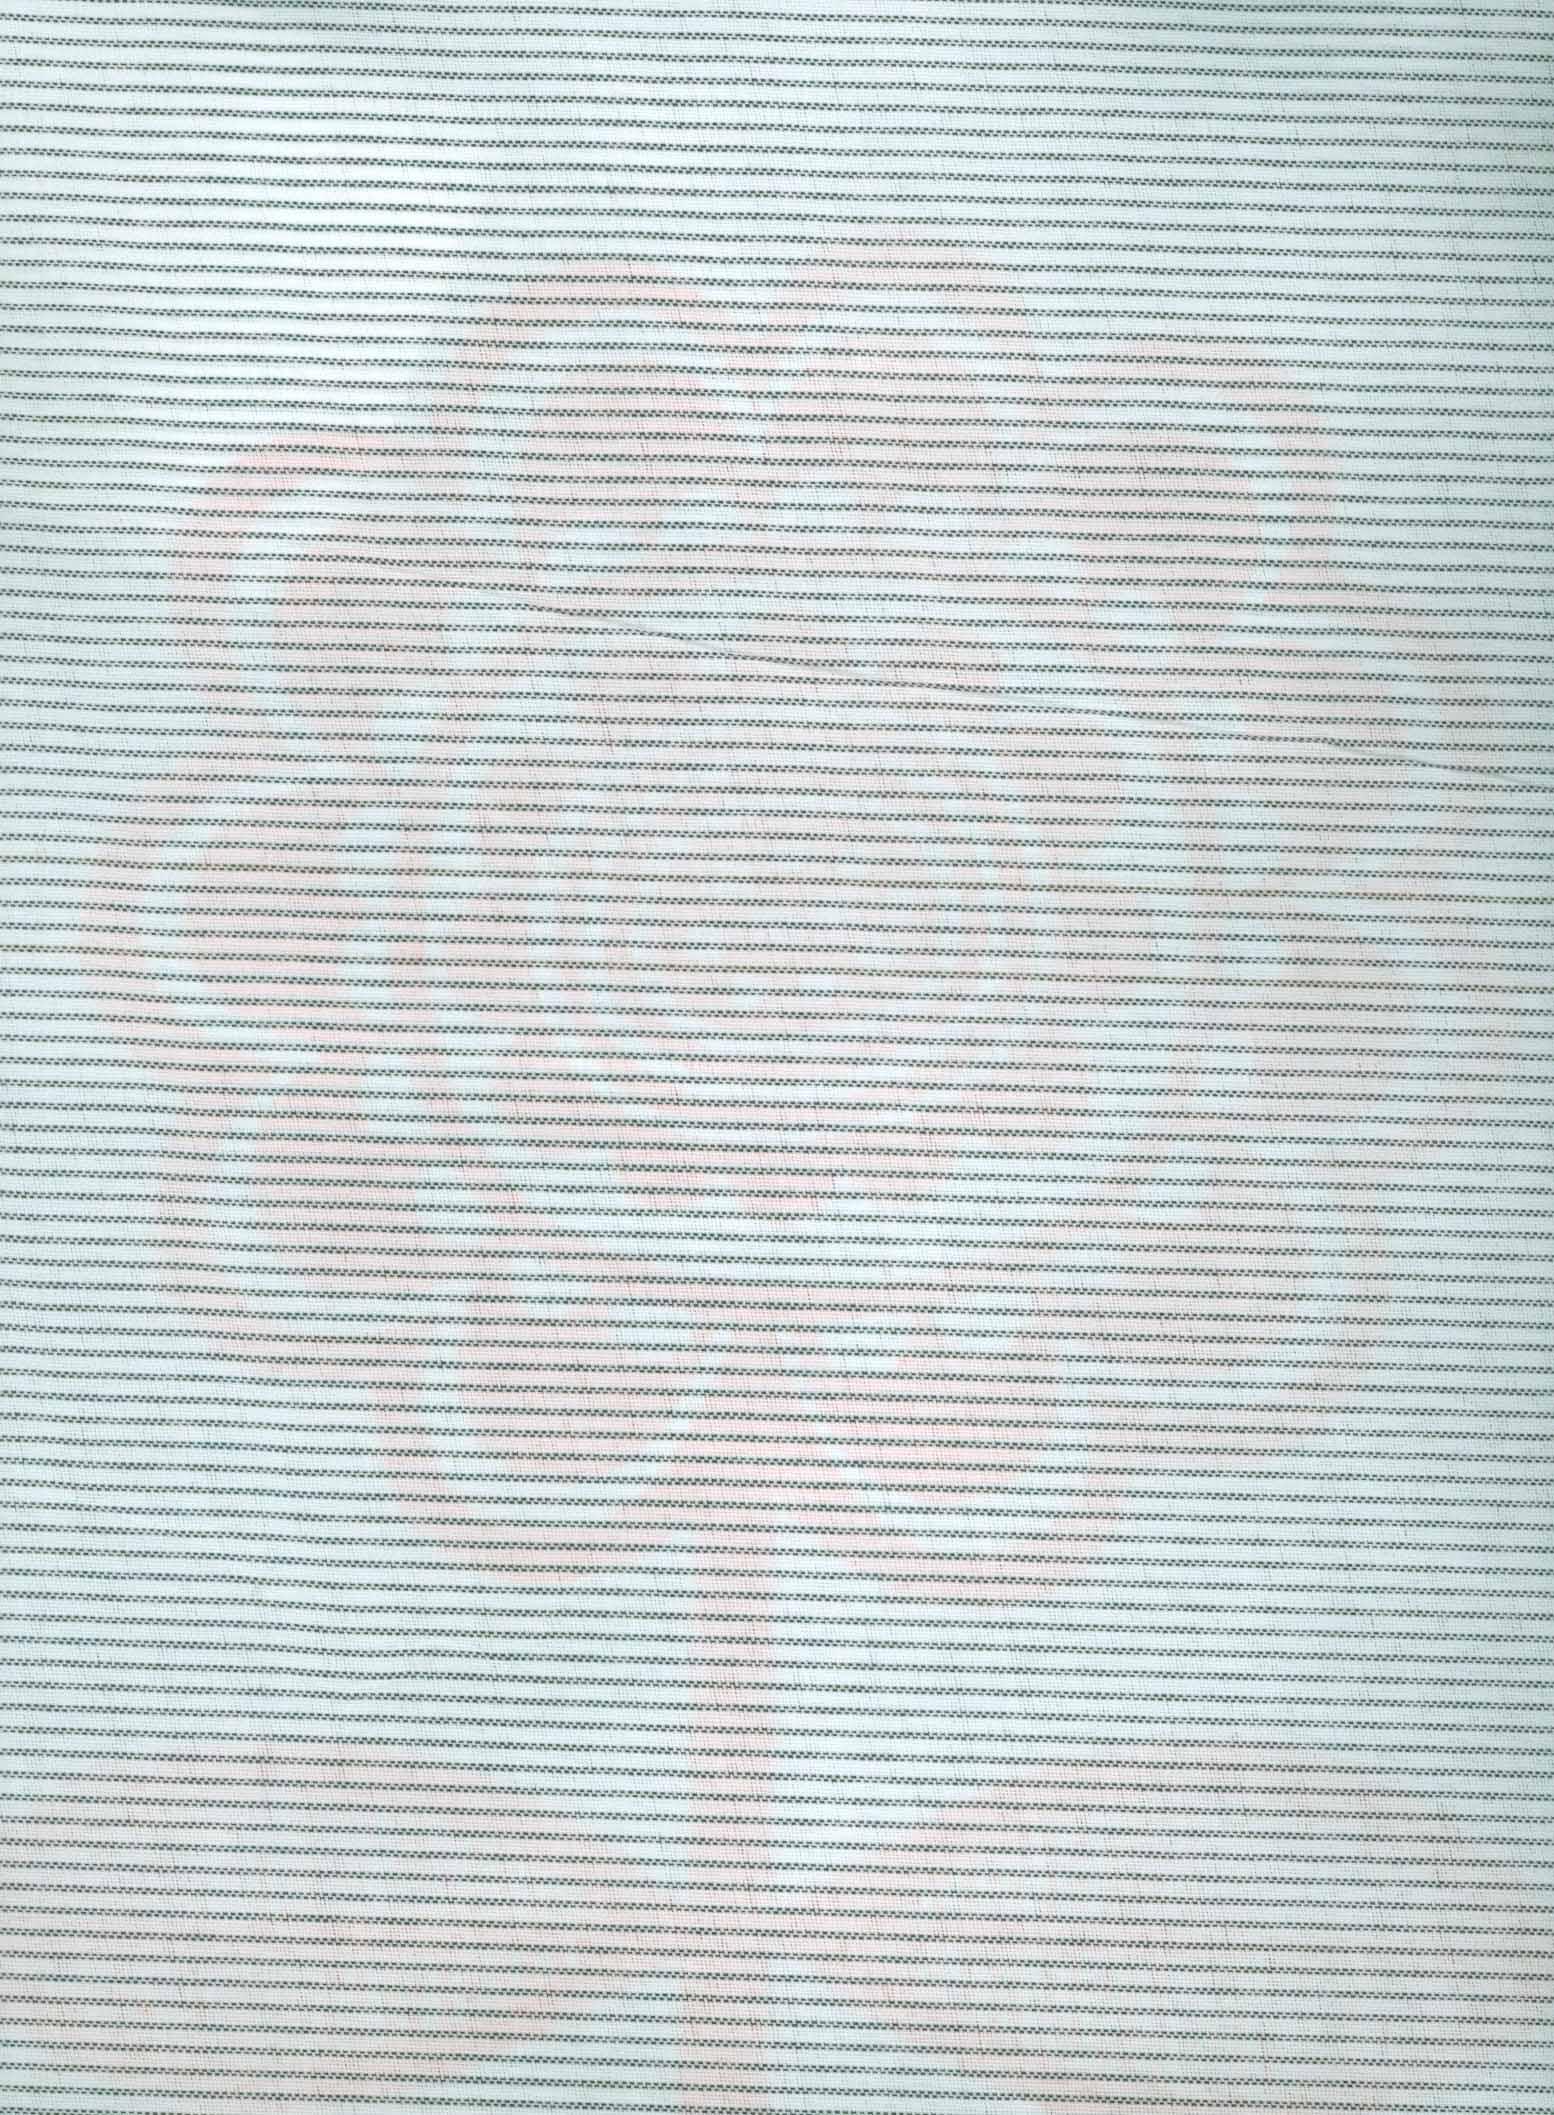 کیف پارچه ای بزرگ (کد 405)،(طرح گل)